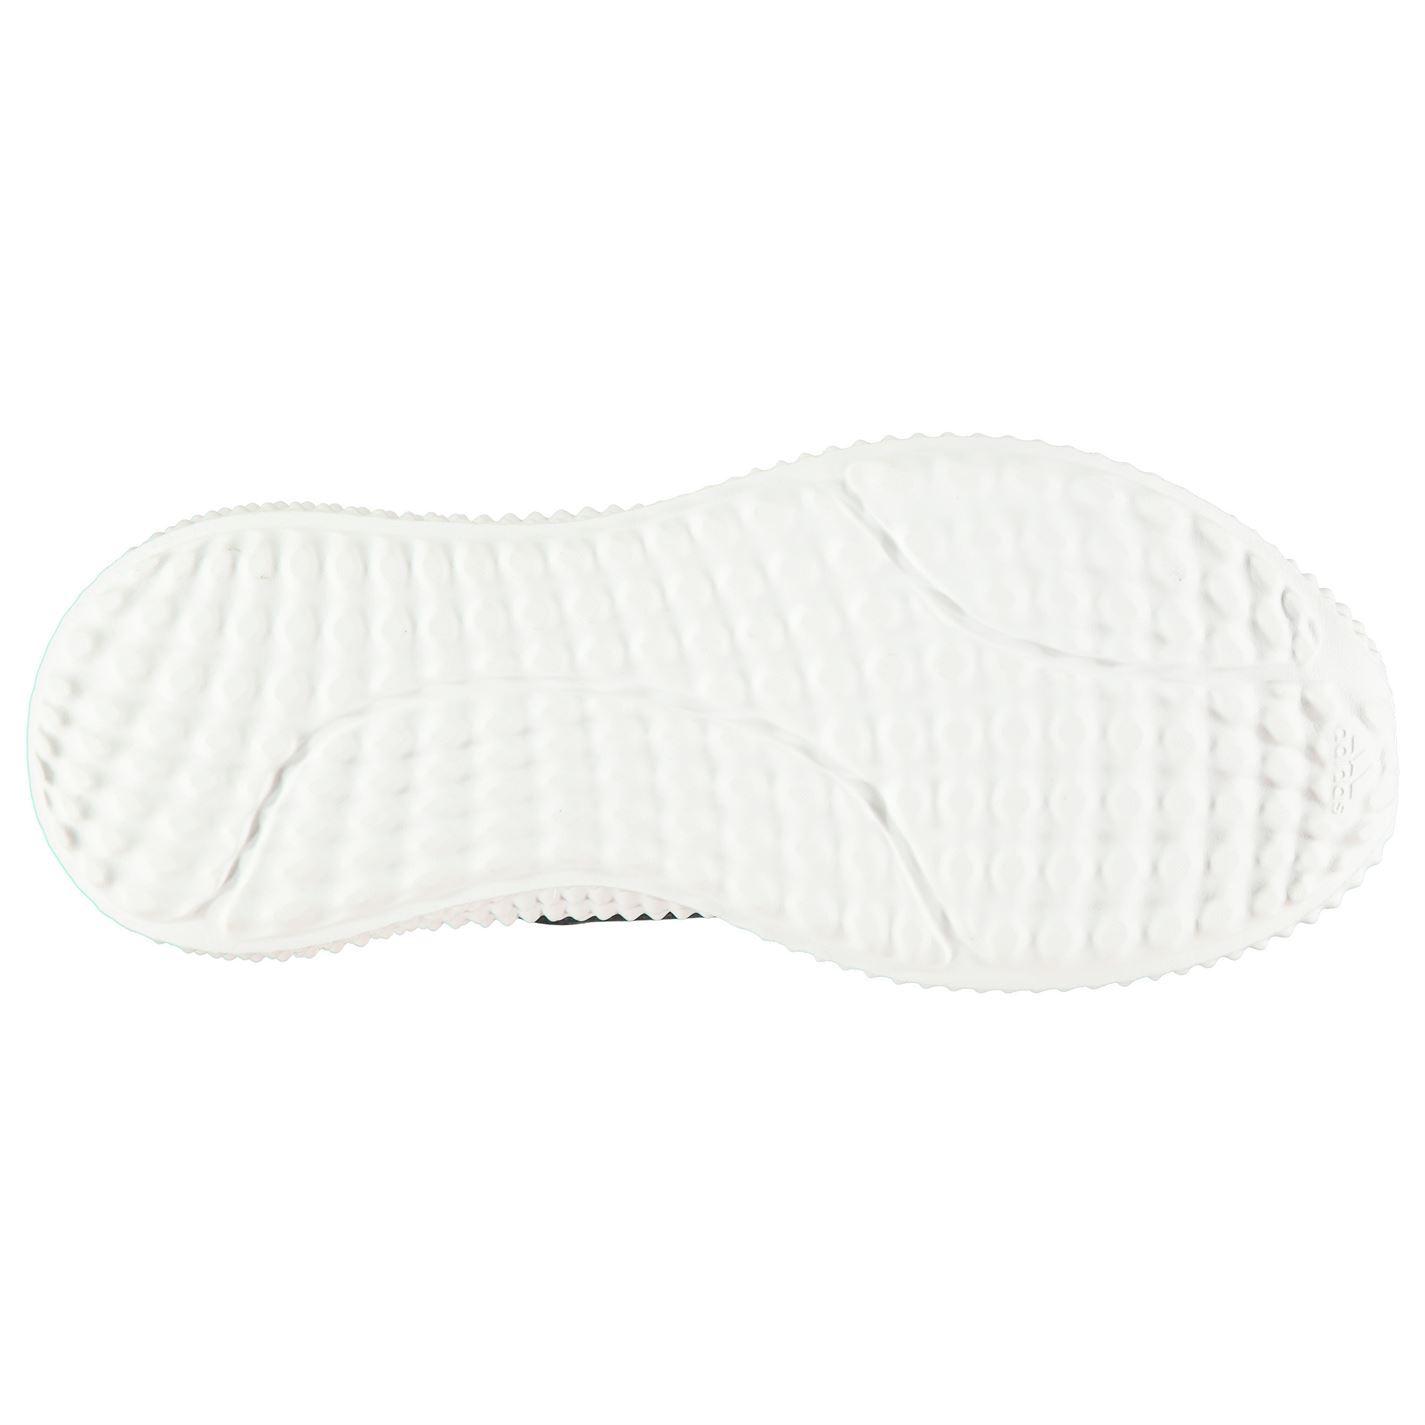 adidas leichtathletik - 24 / 7 - fitness - training bei schwarz / weiße schuhe